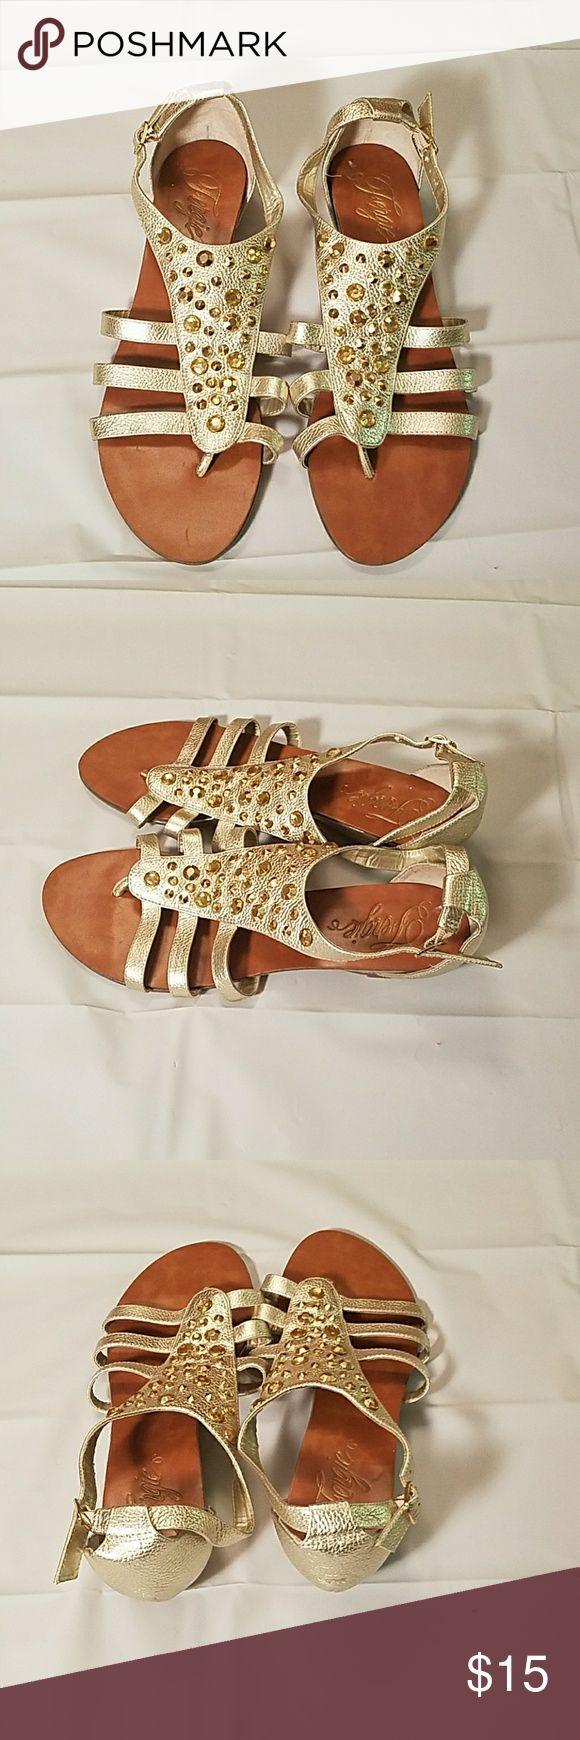 FERGIE GOLD SANDALS Excellent Condition. Comfortable & Chic! Fergie Shoes Sandals